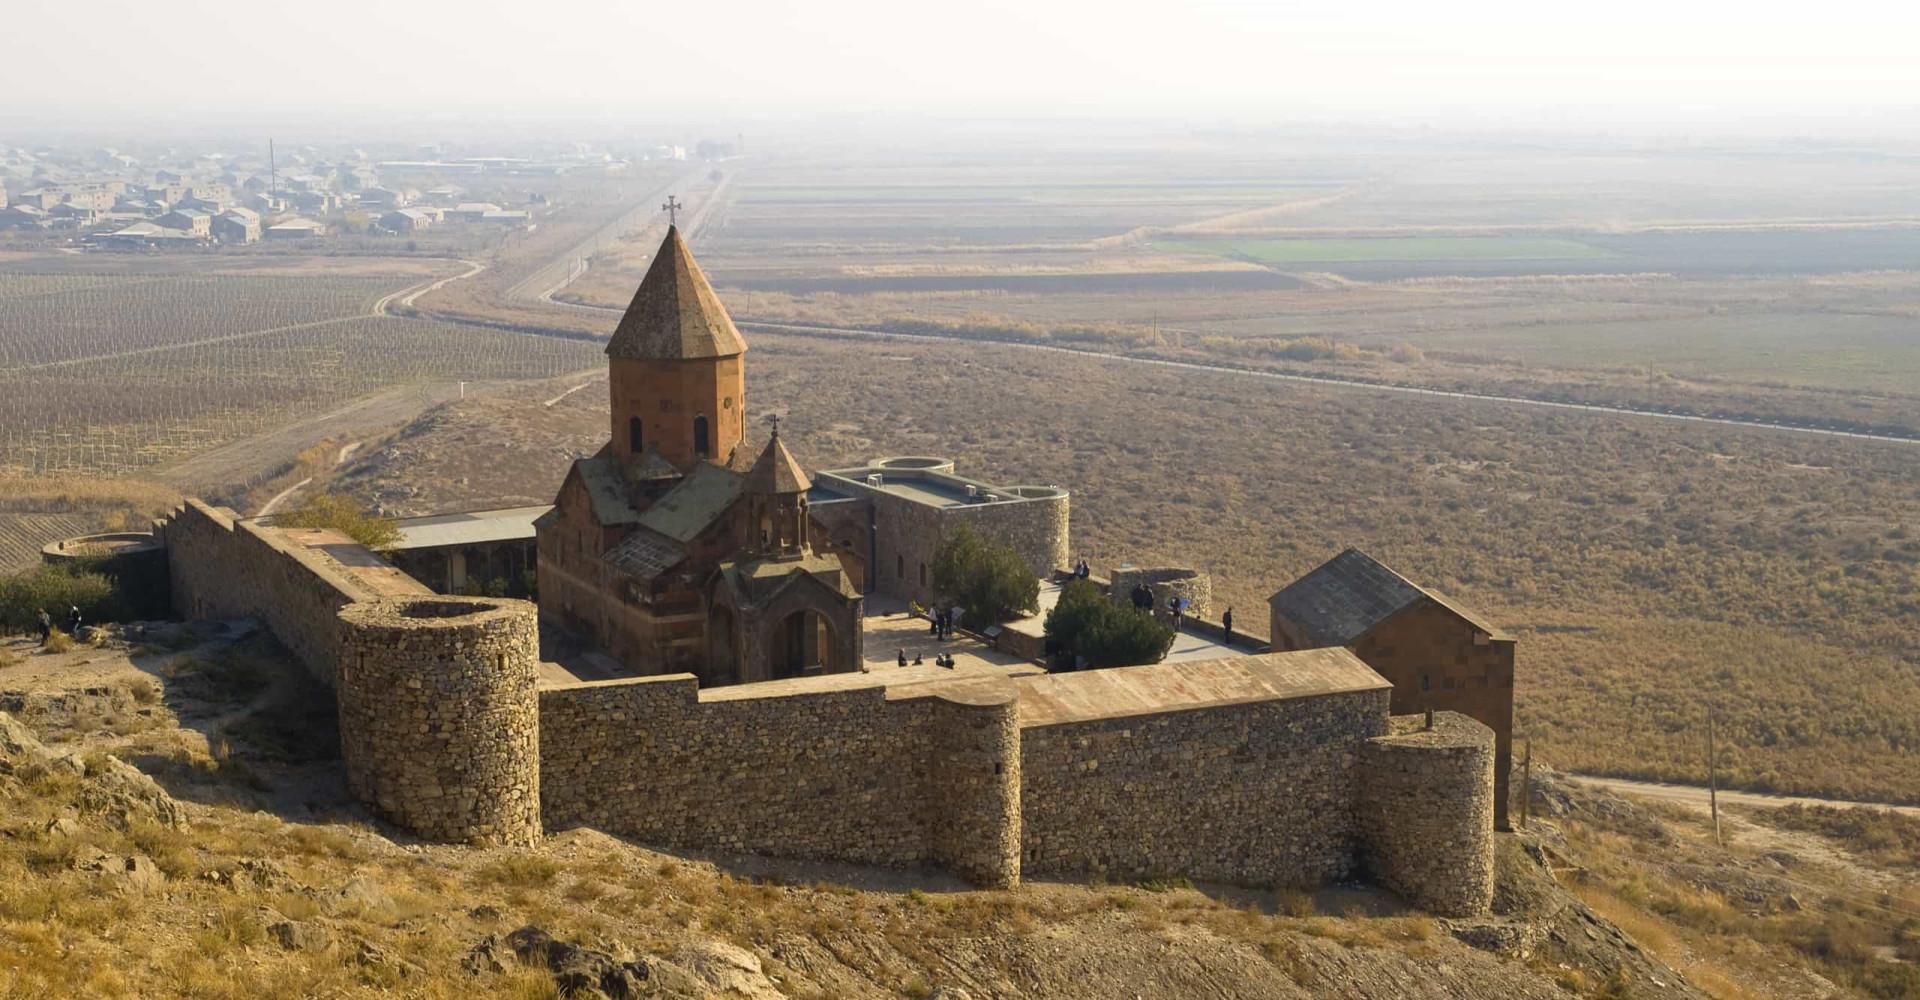 Historialliset monumentit vailla vertaa: nämä ovat planeettamme kauneimmat luostarit